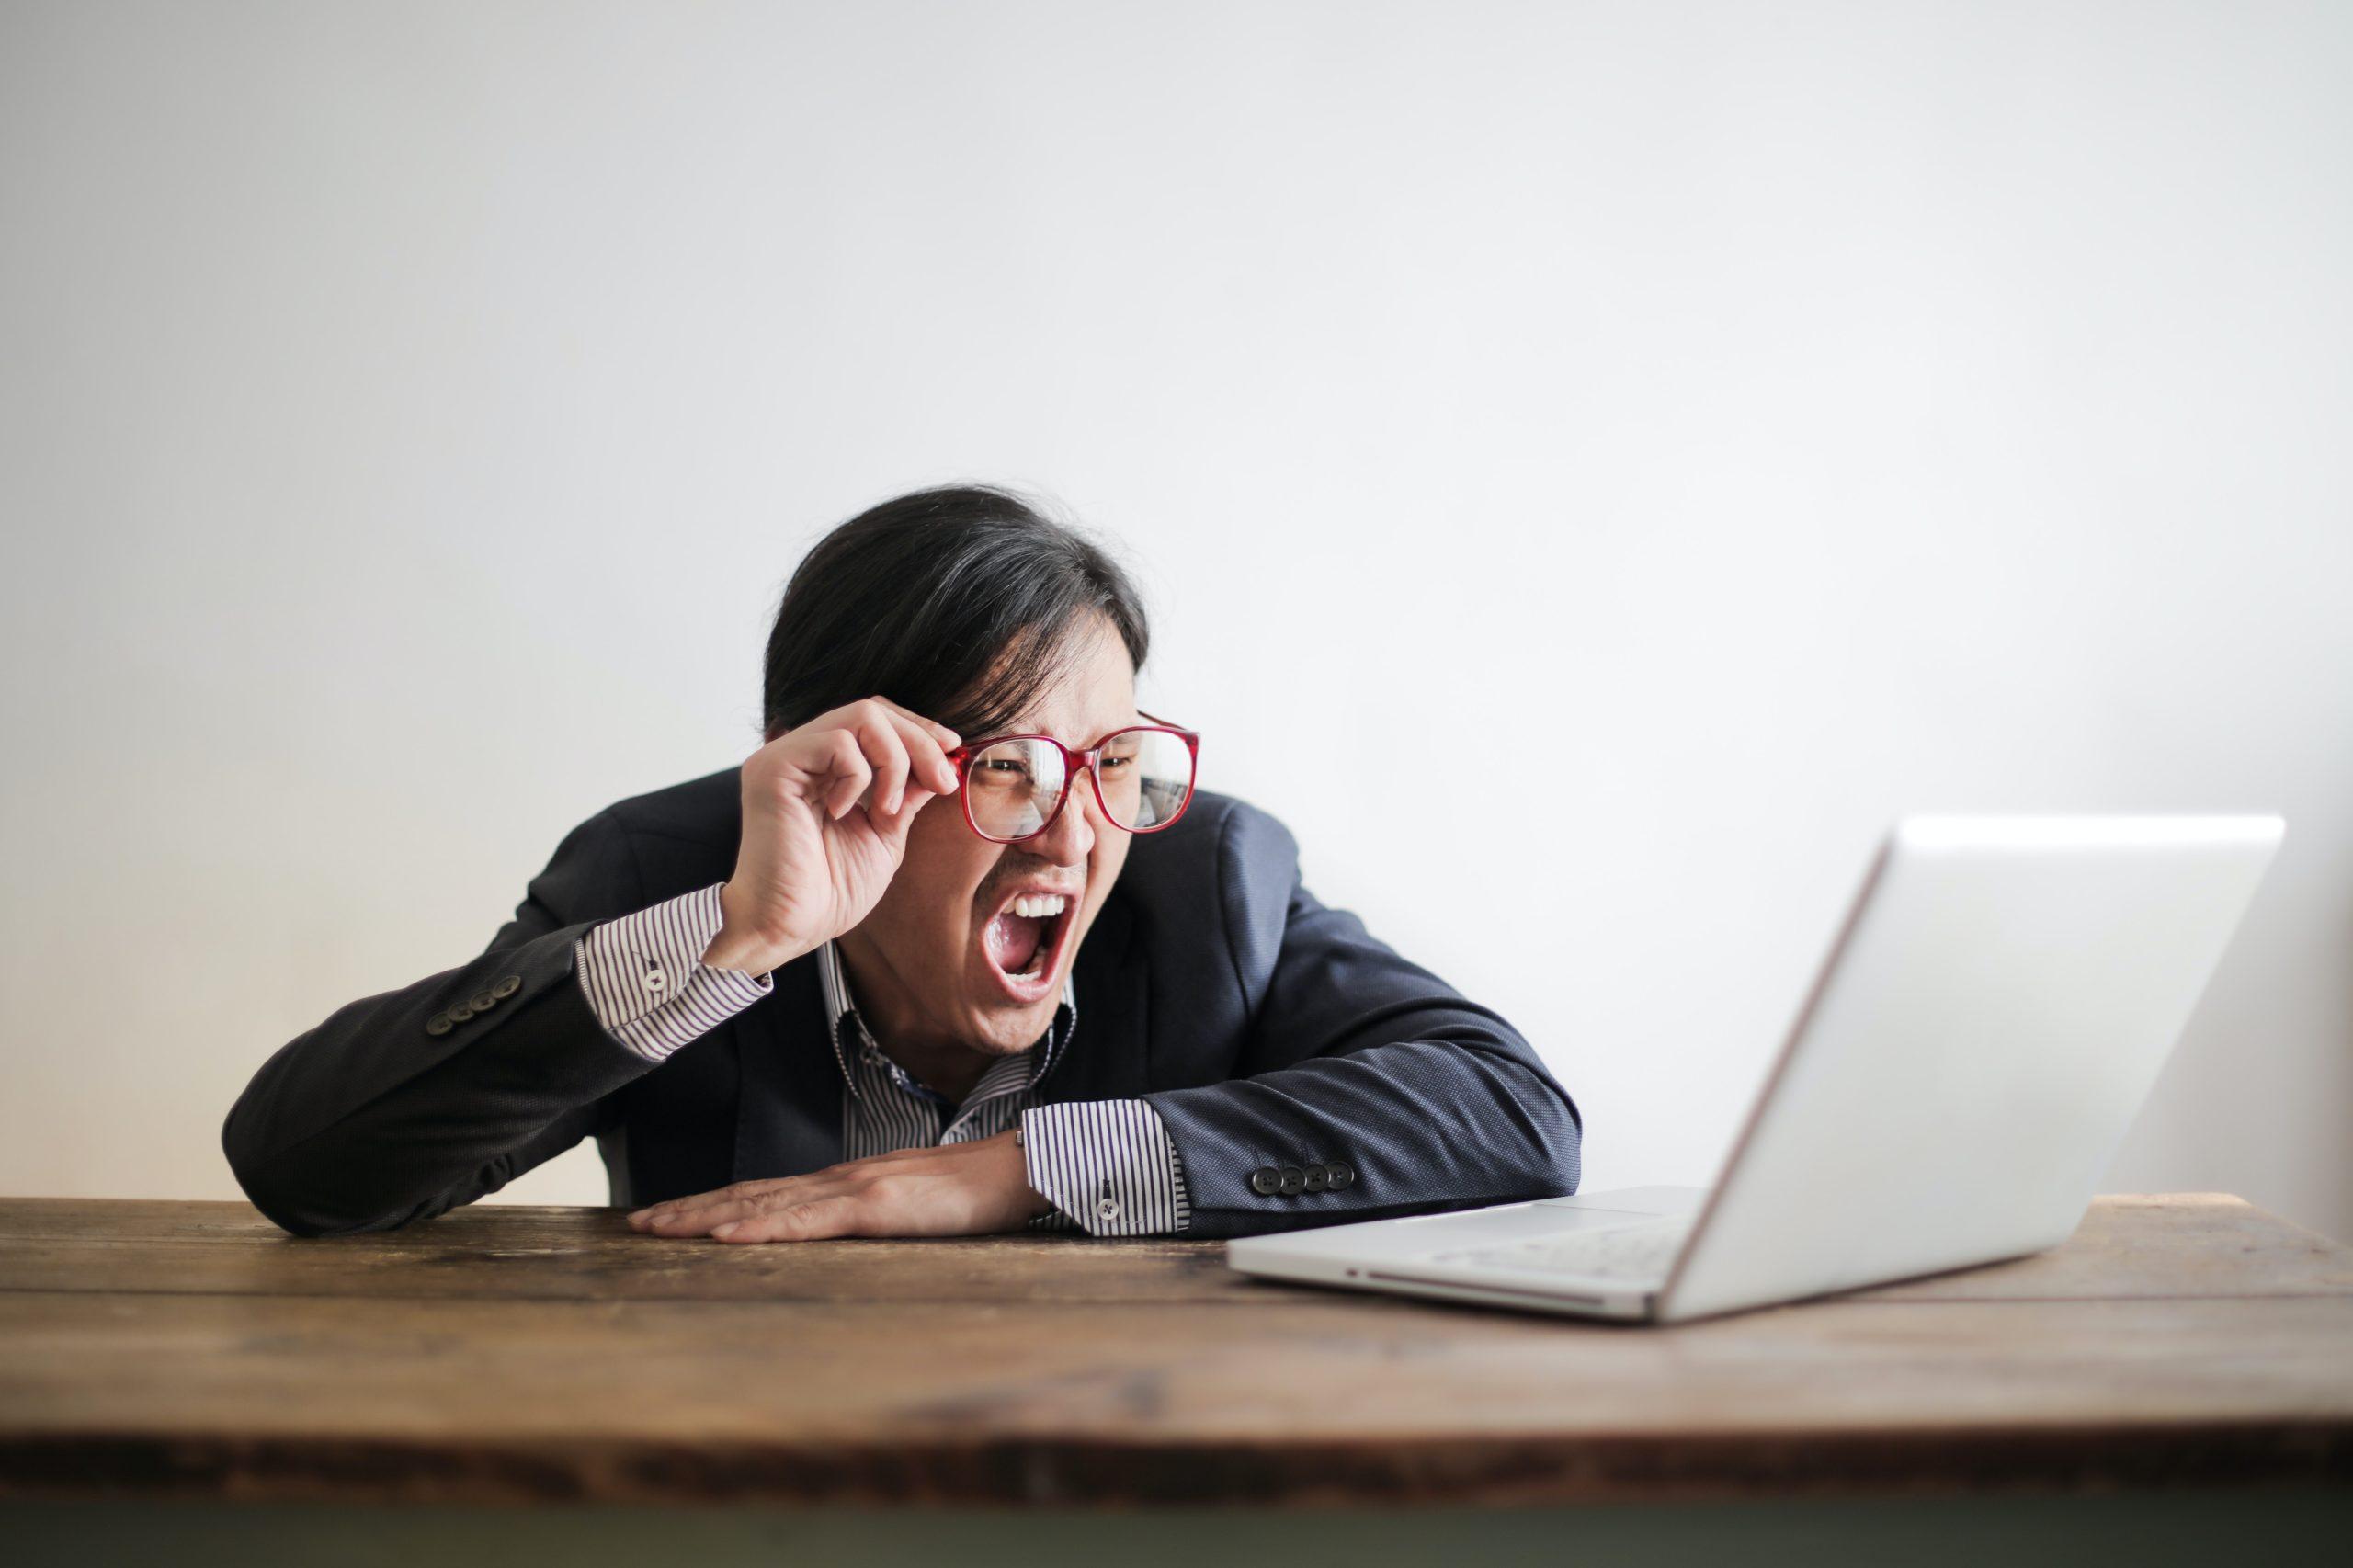 guy upset at computer